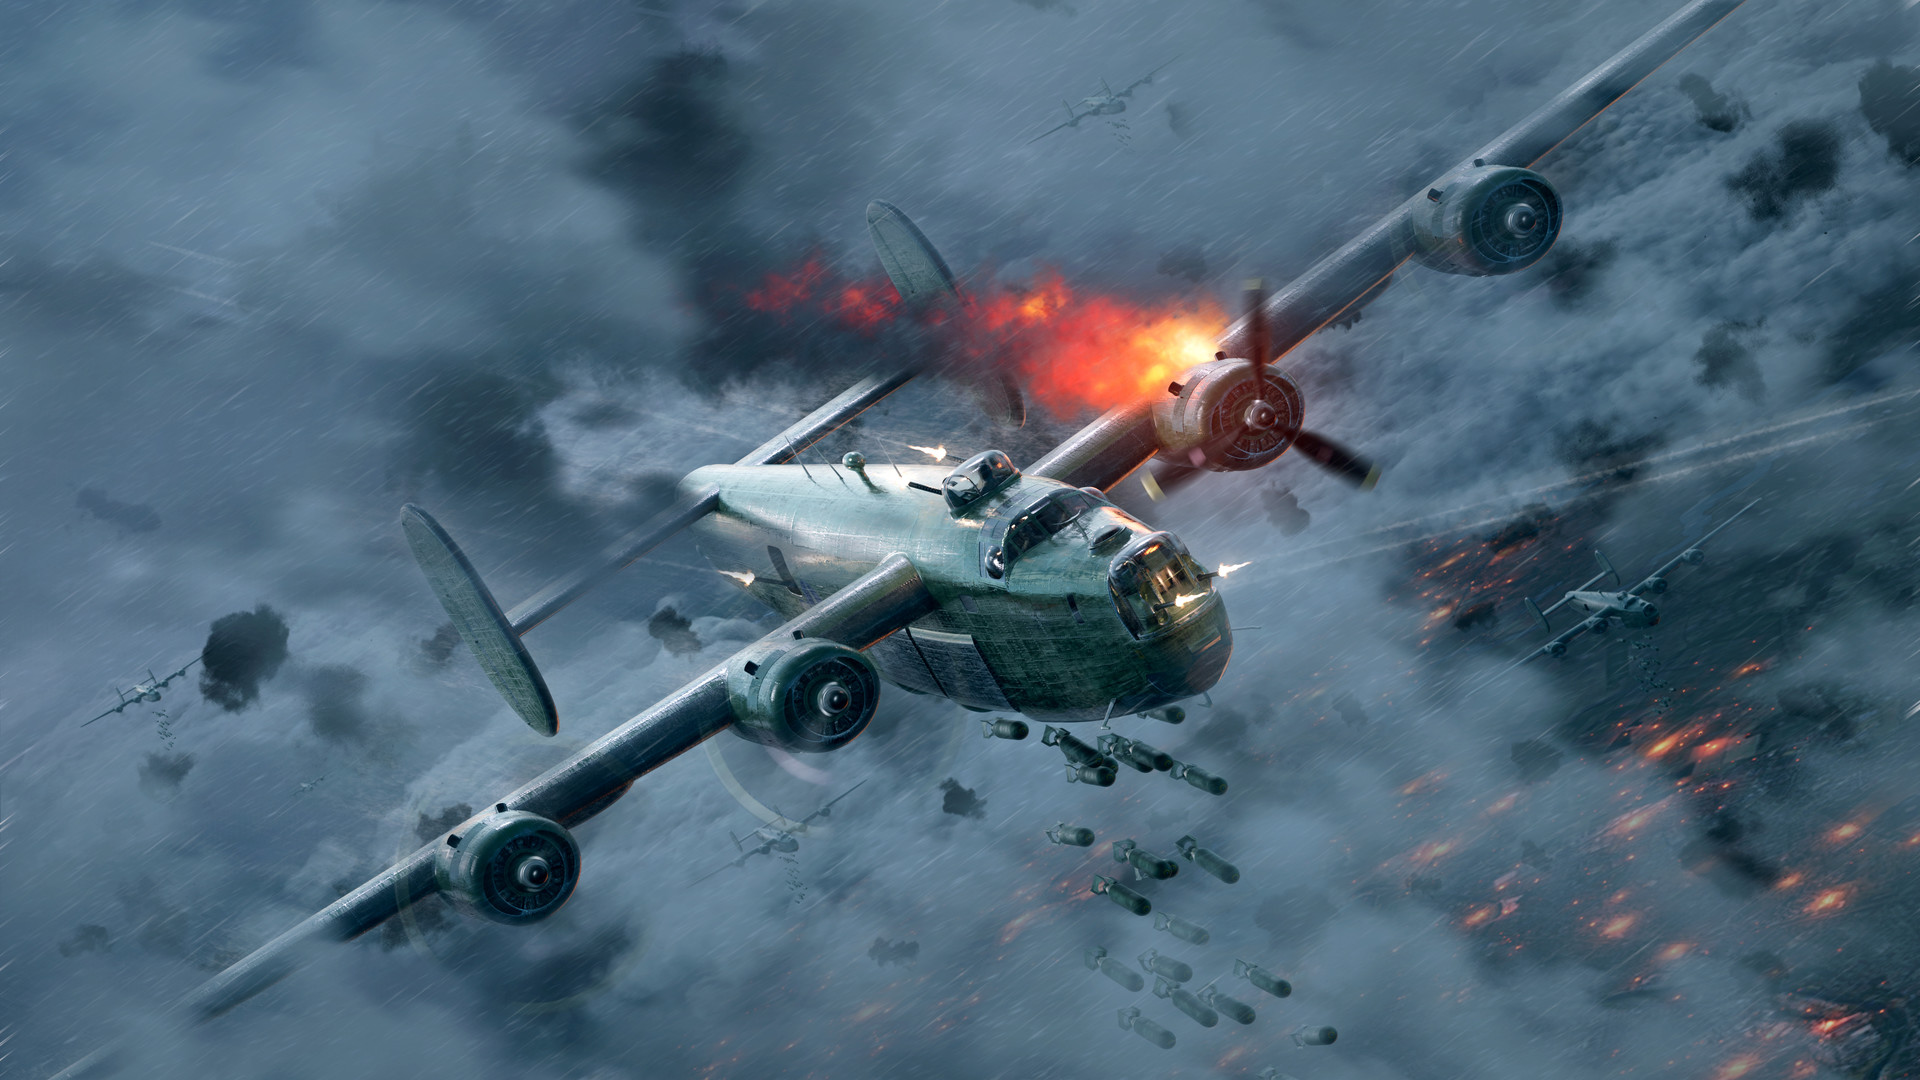 Tamás Török - B-24 Liberator